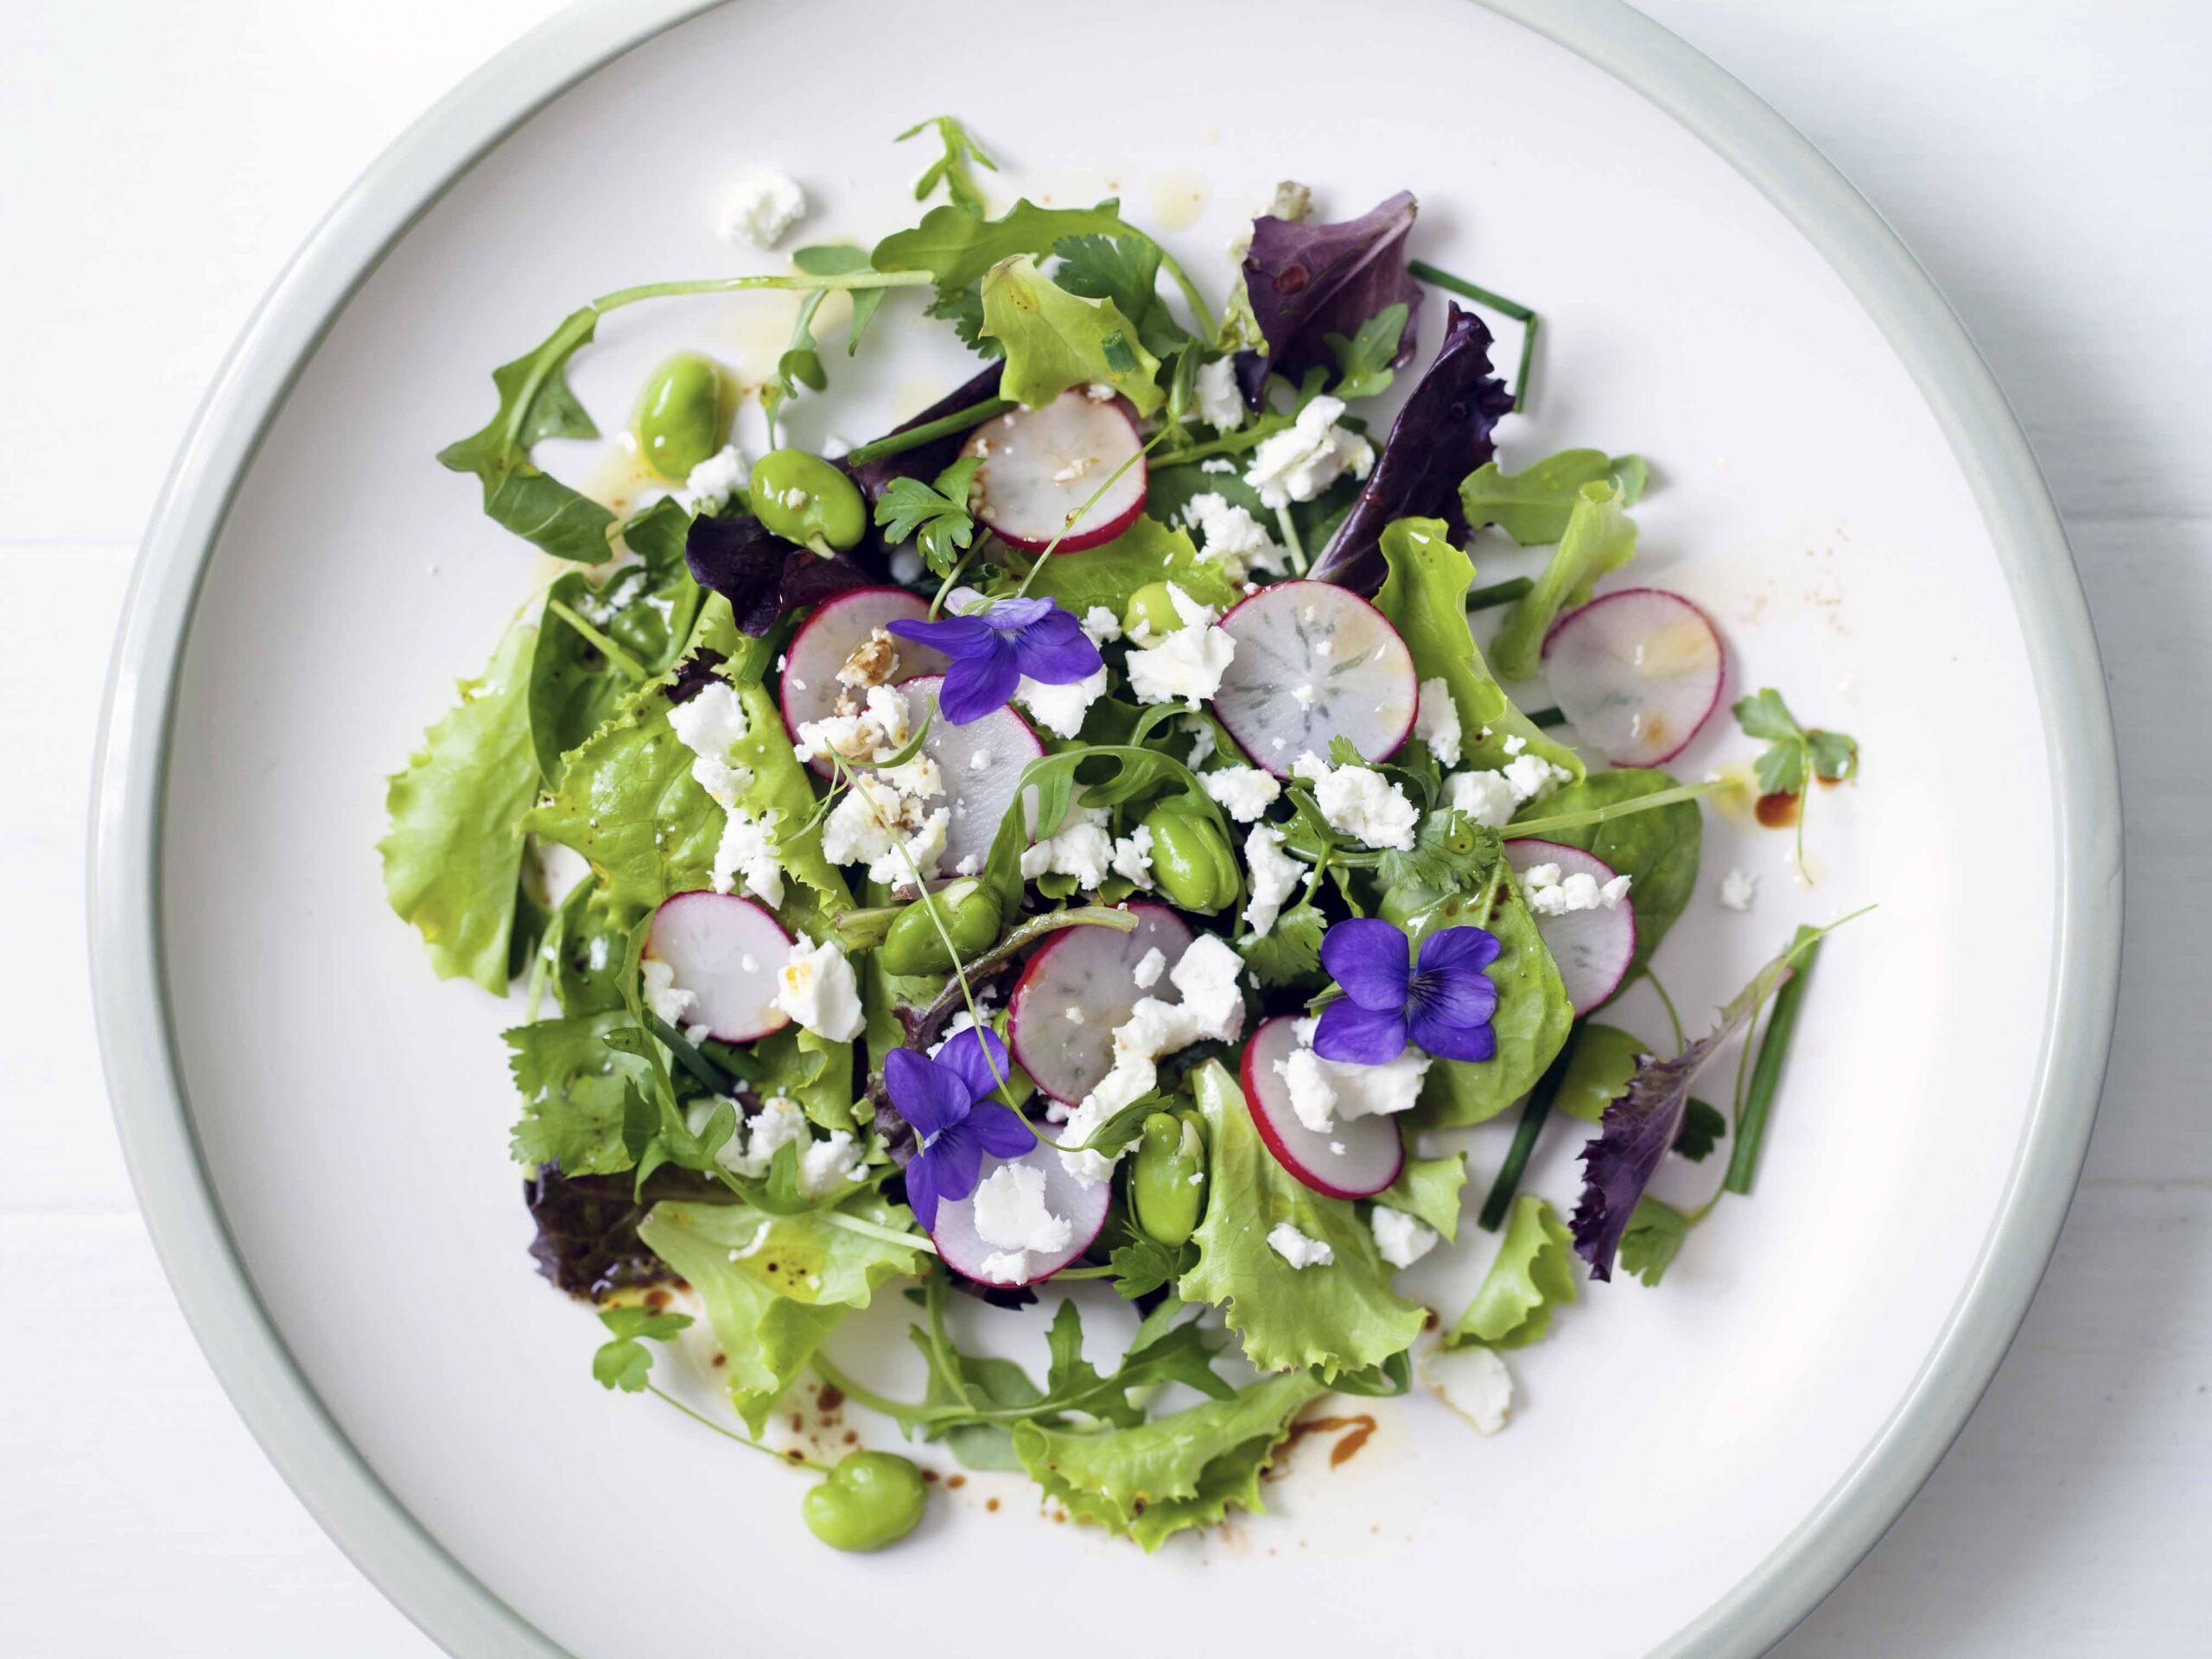 Spring salad with violets